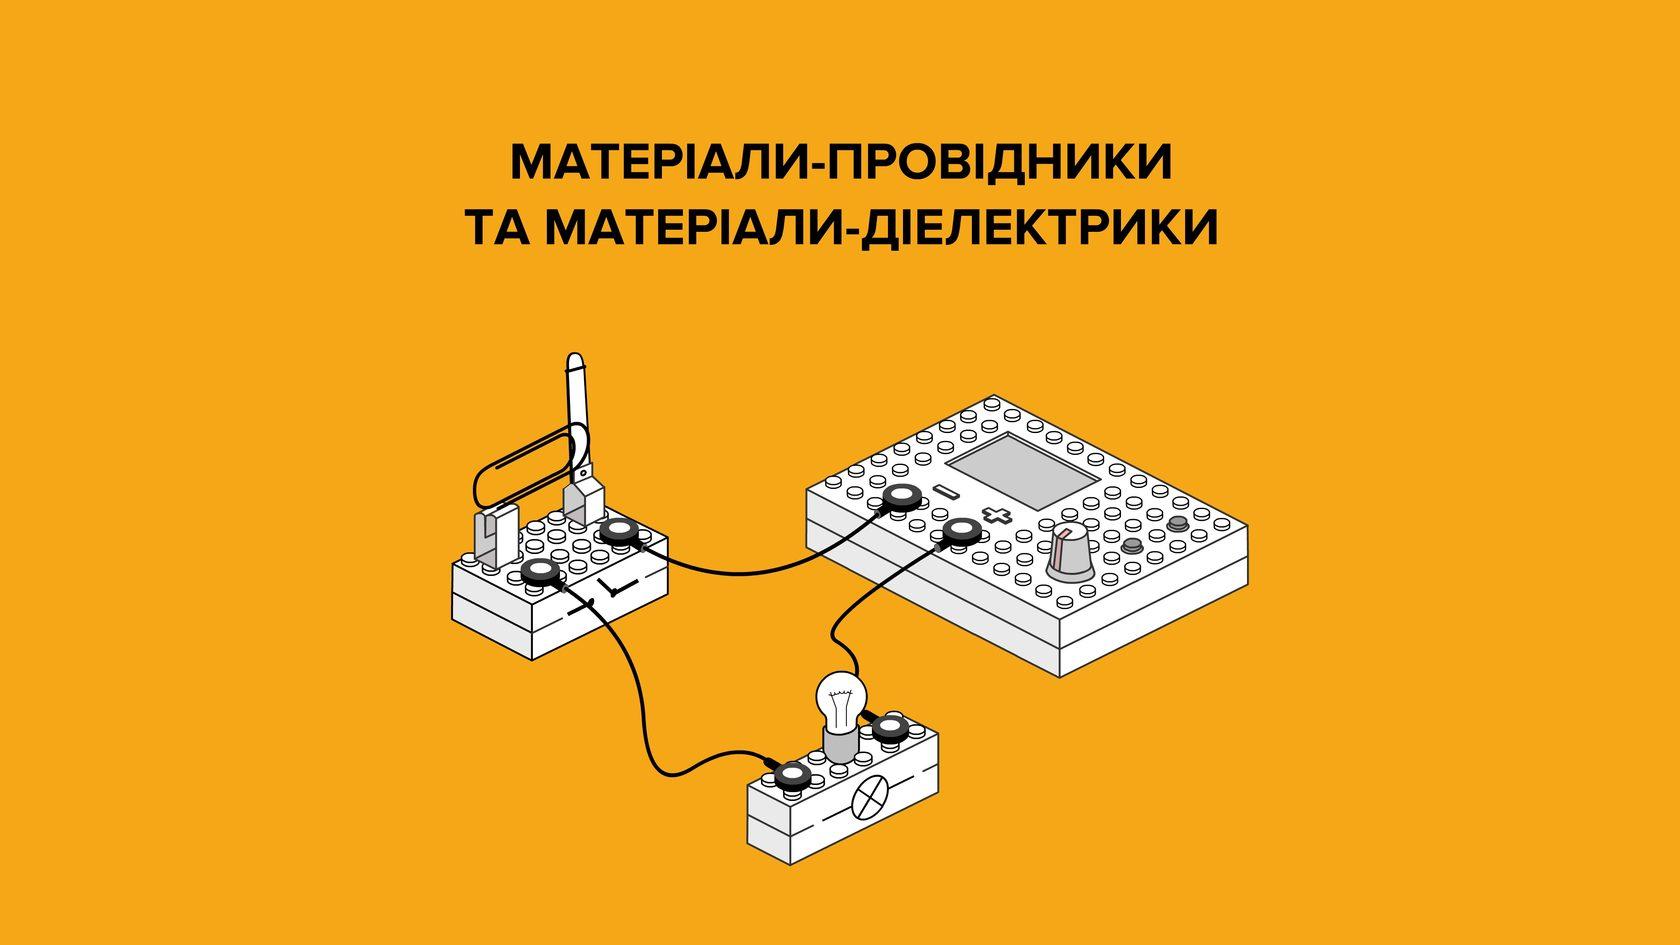 електрика, фізиа, шкільна програма, Amperia, відеоексперимент, відео